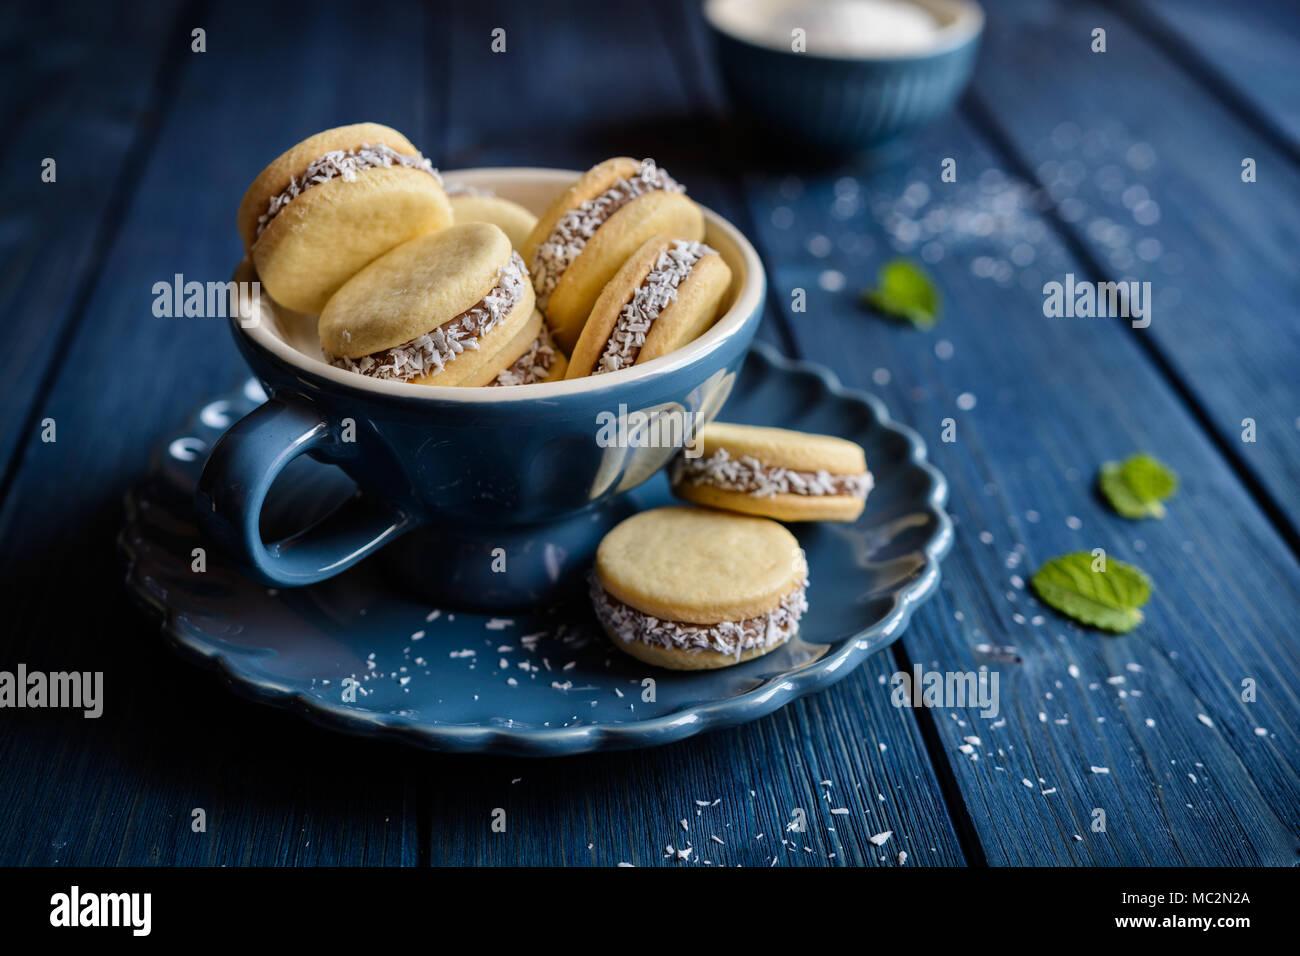 Alfajores - biscuits sandwich traditionnel rempli de lait caramélisé et noix de coco Photo Stock